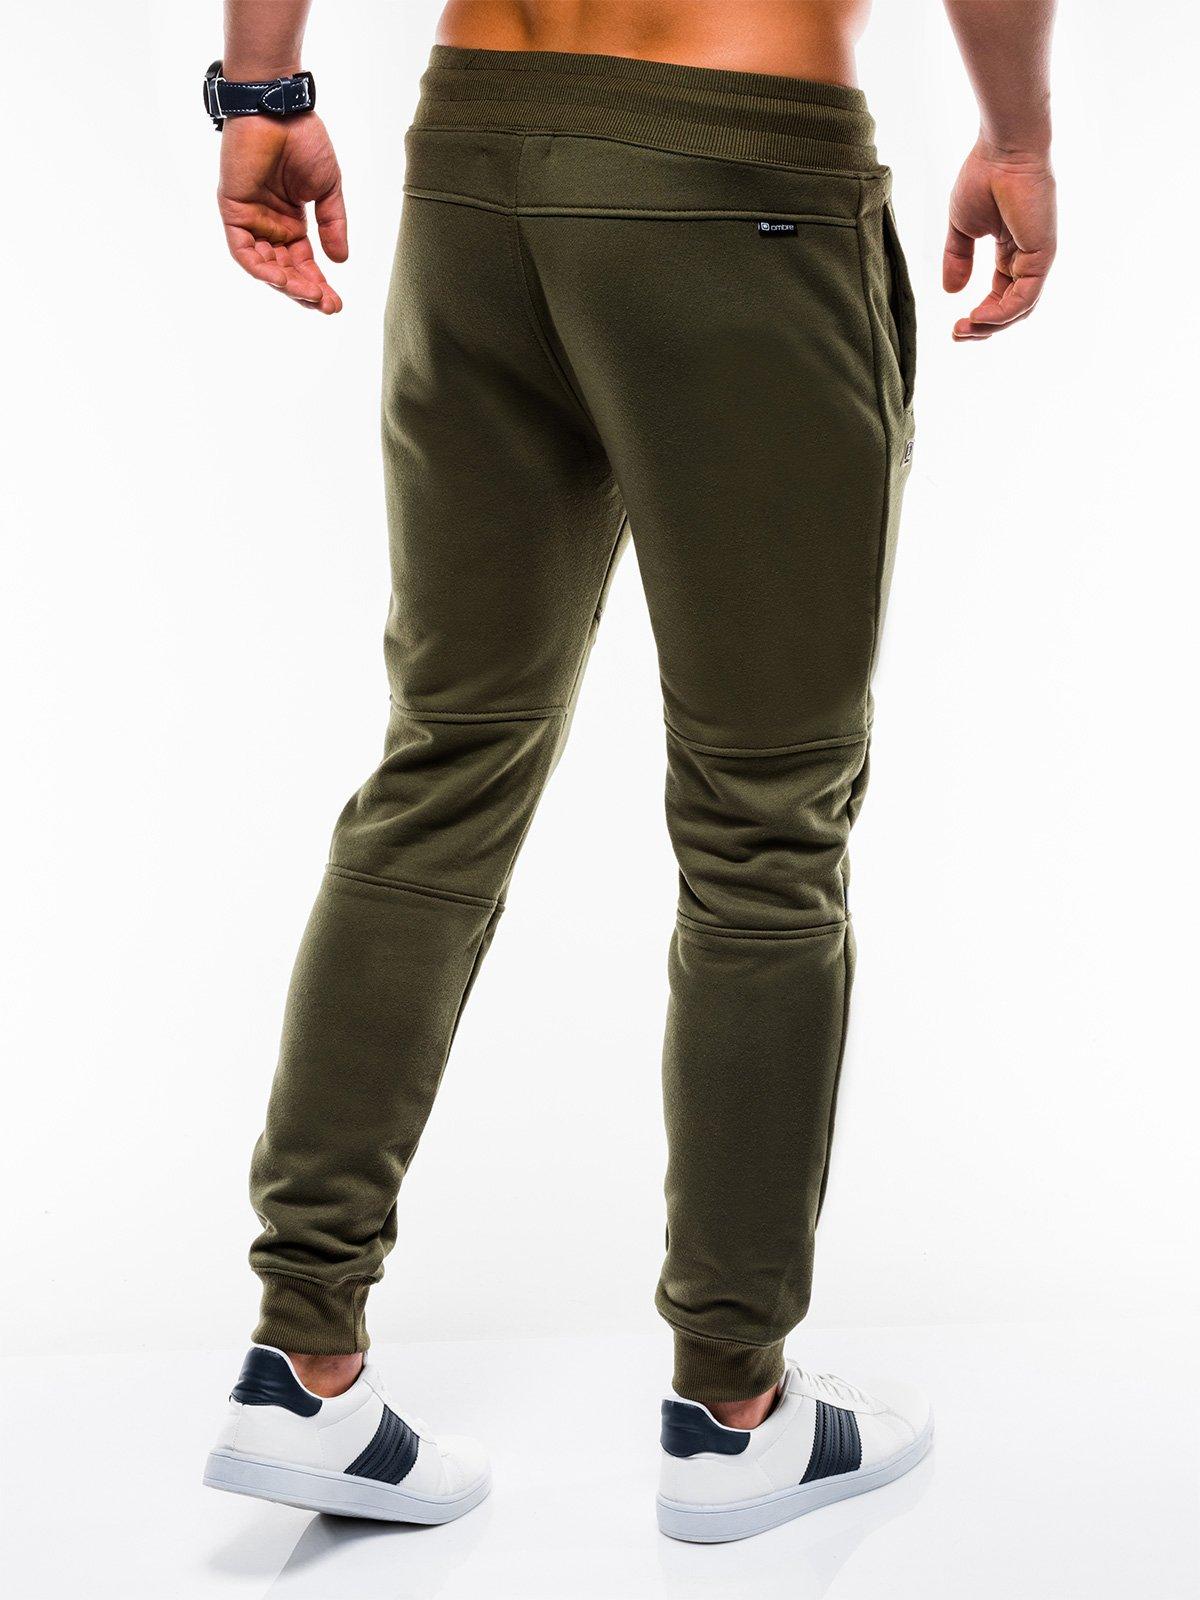 Spodnie męskie dresowe 743P oliwkowe